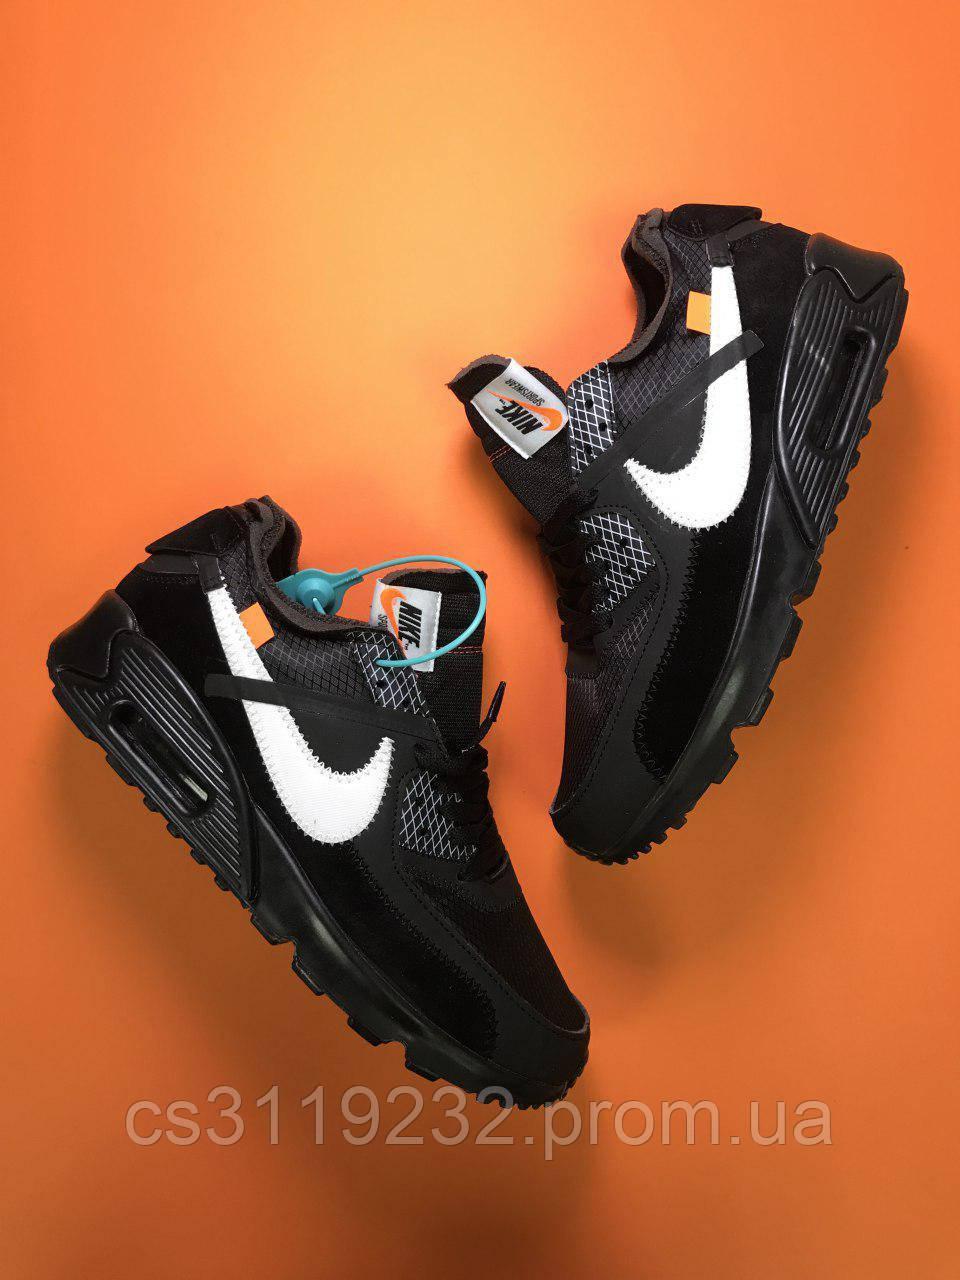 Чоловічі кросівки Nike Air Max 90 OFF-White Black (чорні)